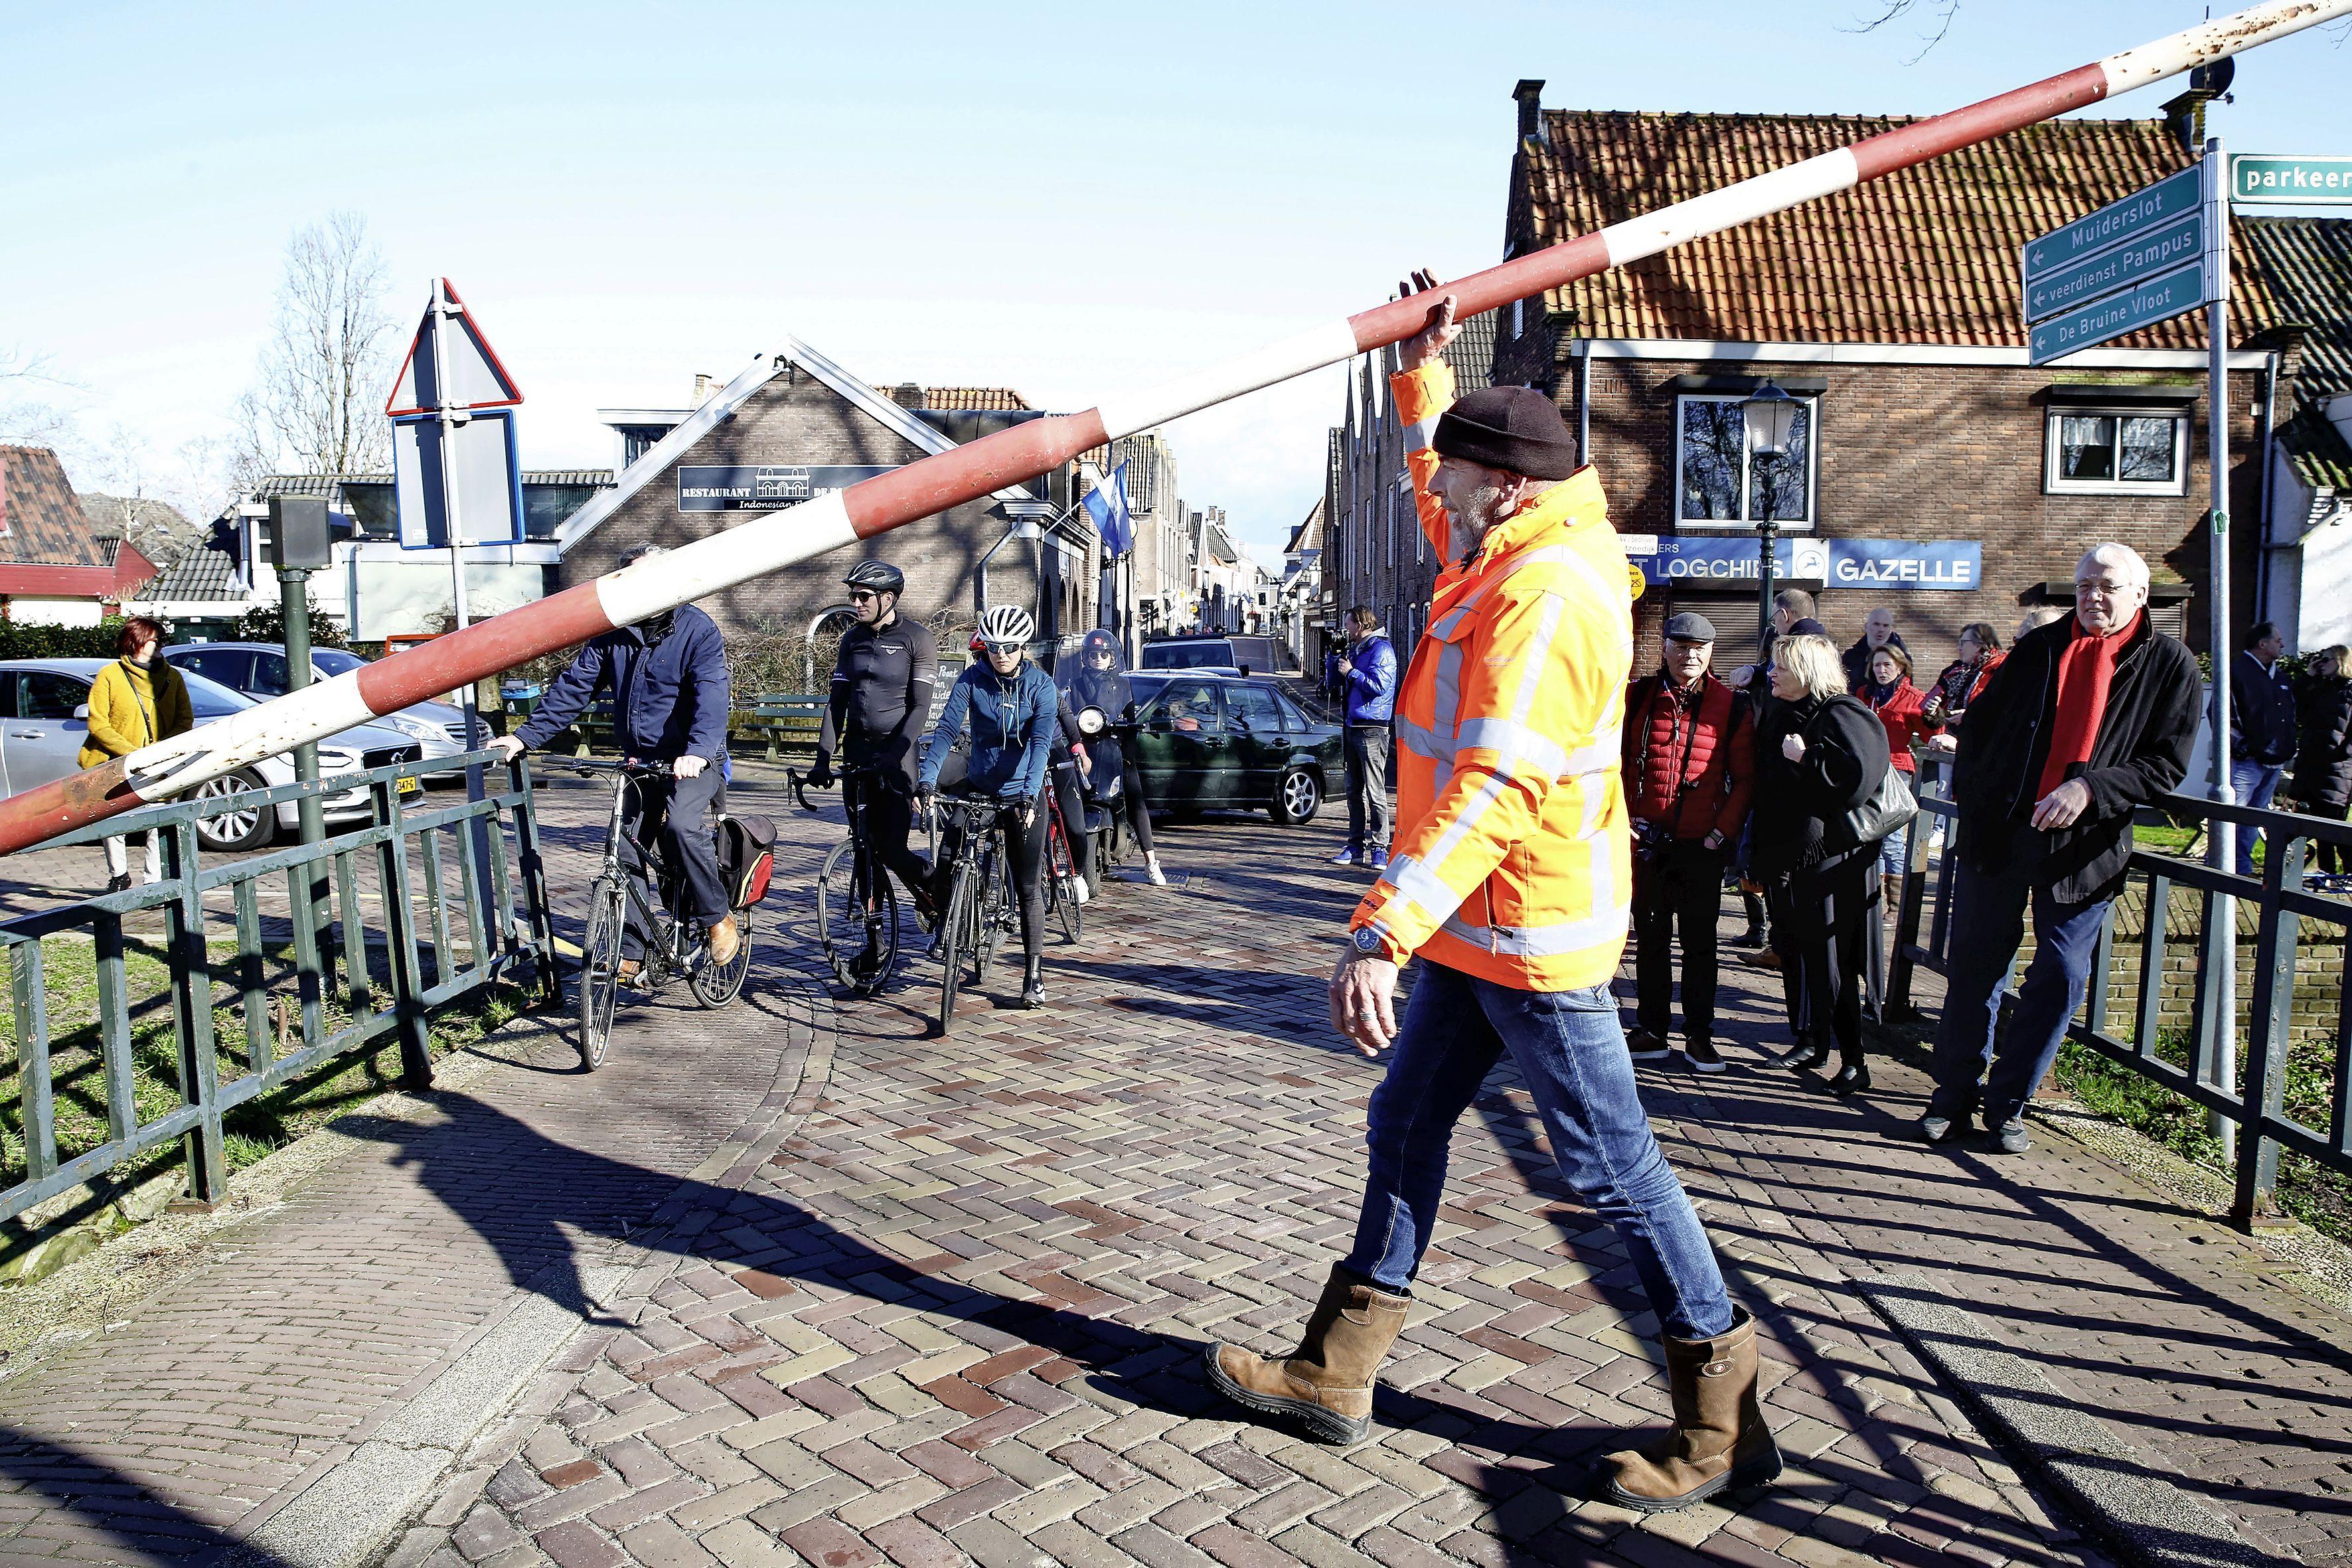 Muiers fel tegen plan om bedientijden Amsterdamse Poortbrug te verruimen ten gunste van sloepenverkeer uit De Krijgsman: 'We zitten hier straks als ratten in de val'